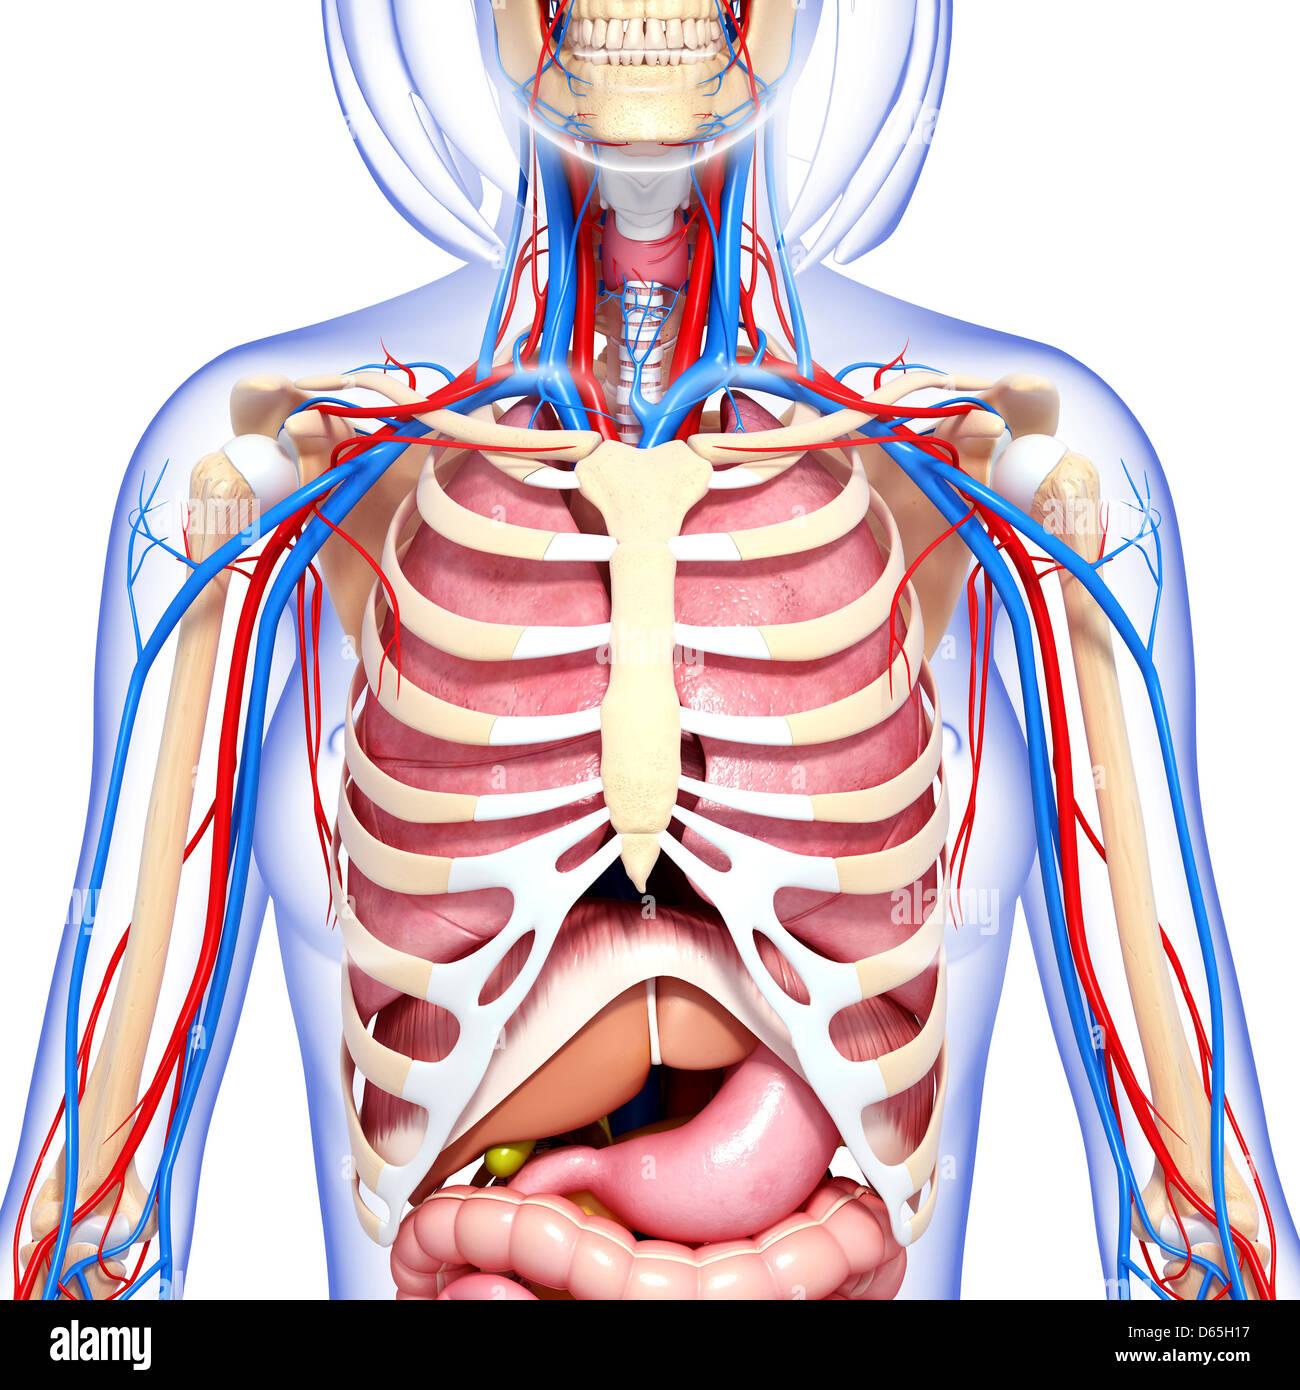 Beste Weibliche Scham Anatomie Bilder - Menschliche Anatomie Bilder ...